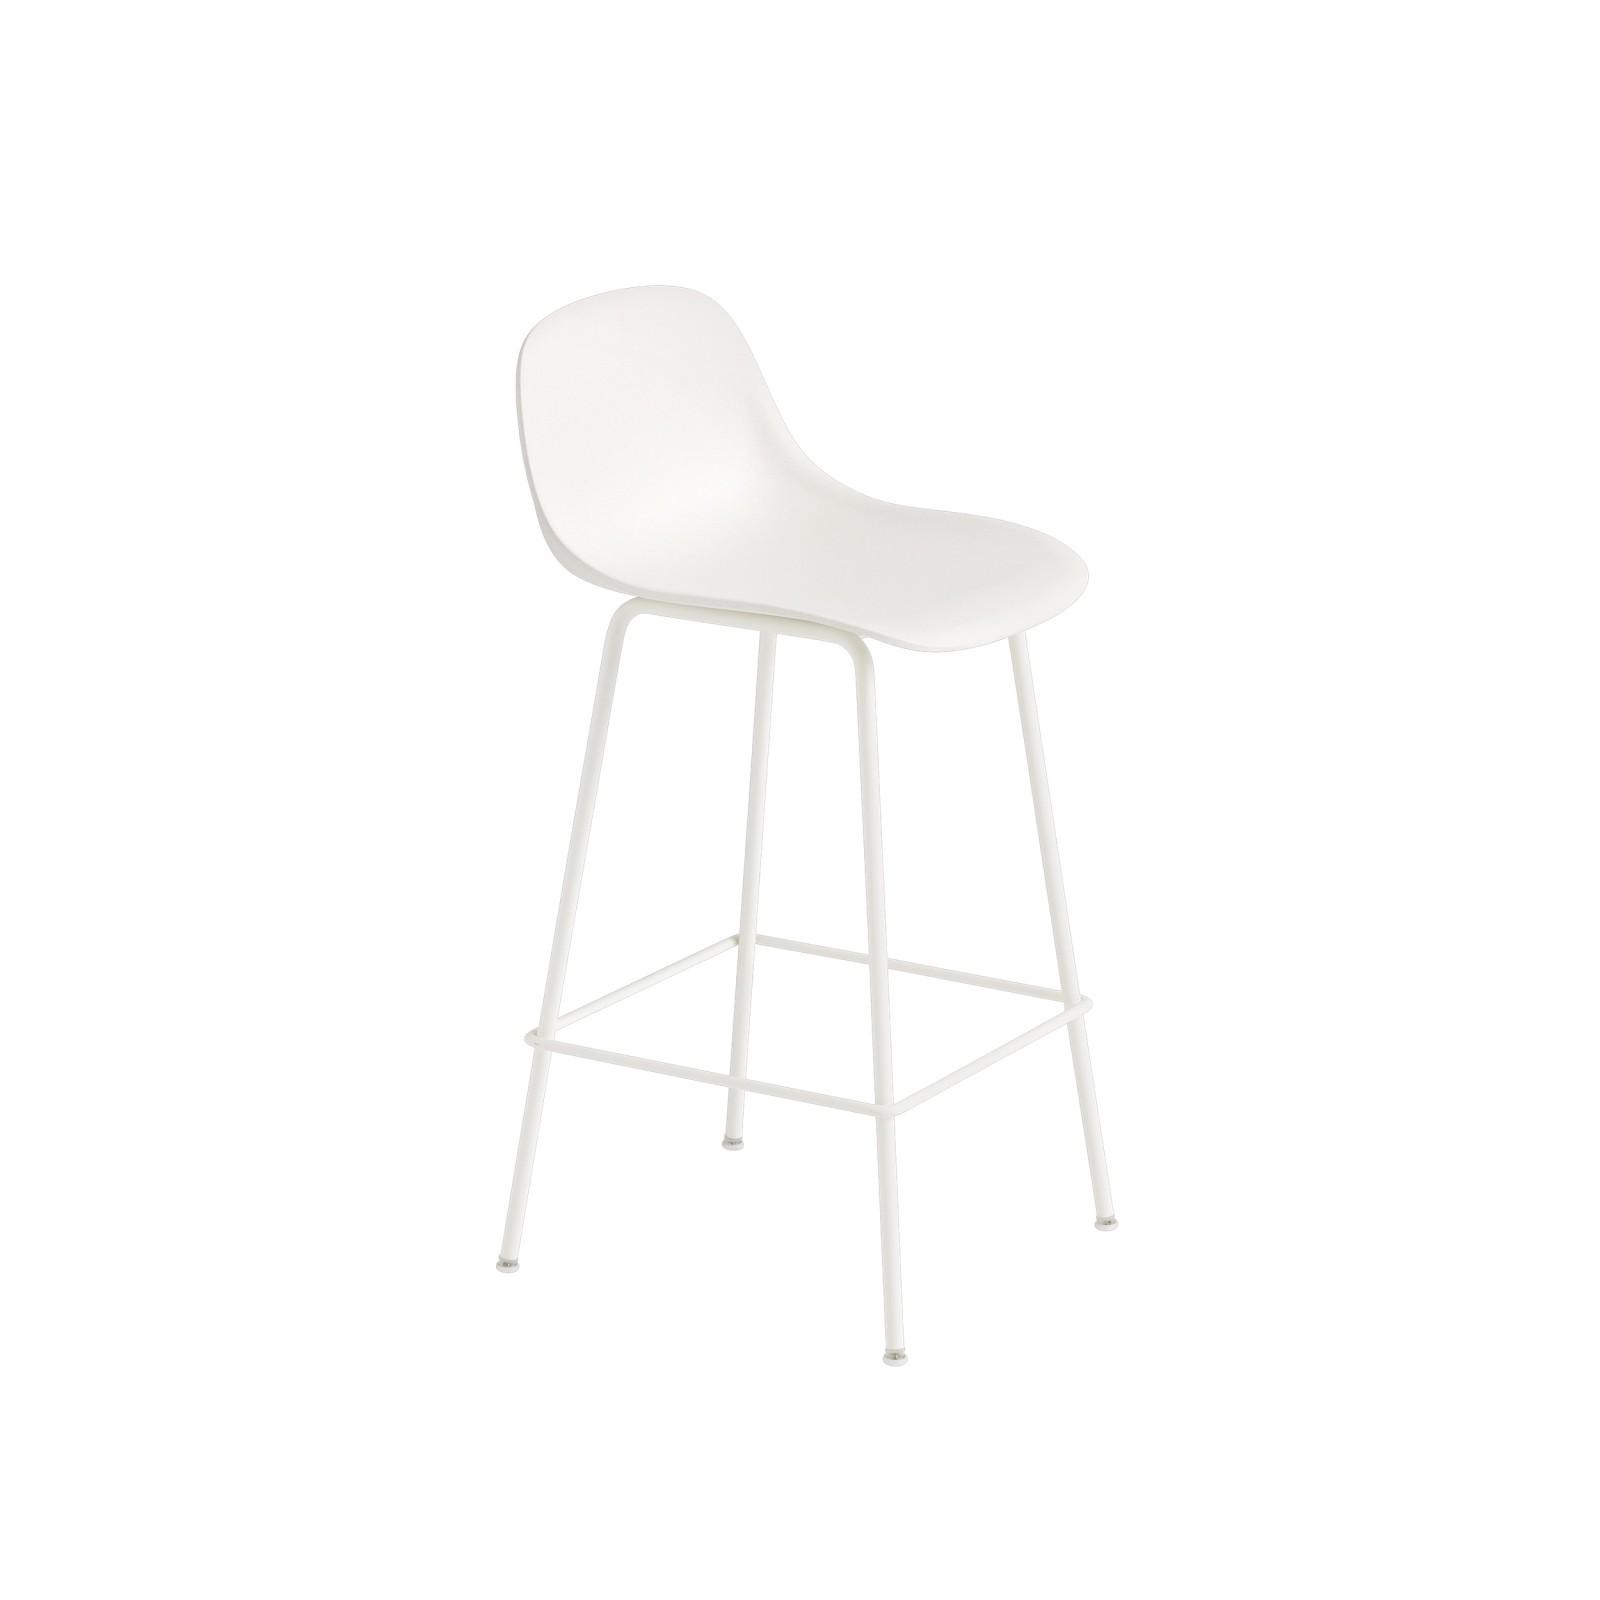 Fiber Bar Stool With Backrest Tube Base Natural White/White, 65